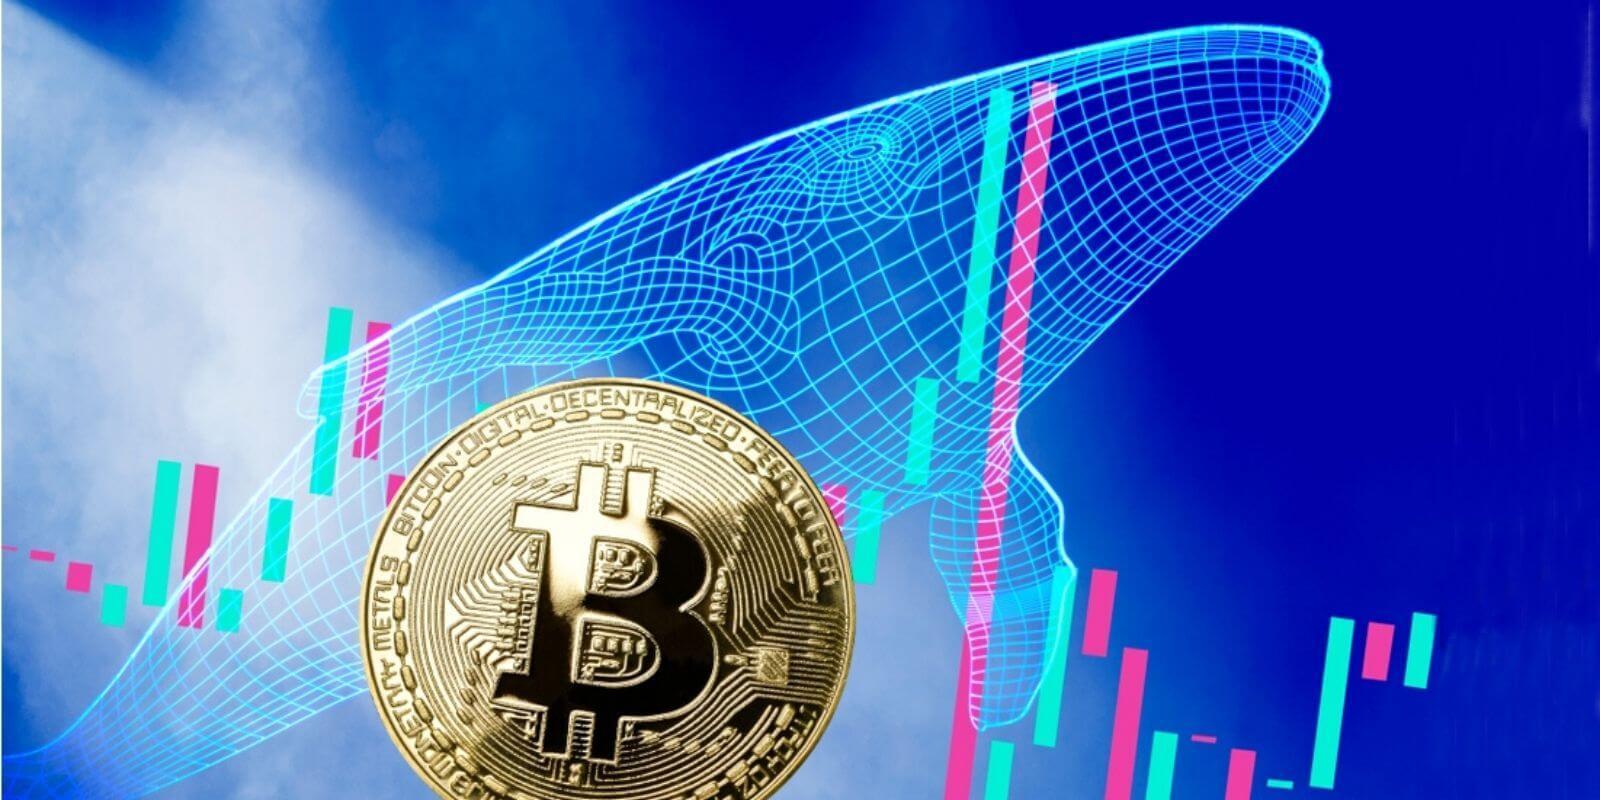 Bitcoin Islemlerinde Buyuk Artis Yasanirken BTC Balinalari 100 Milyon Tasidi